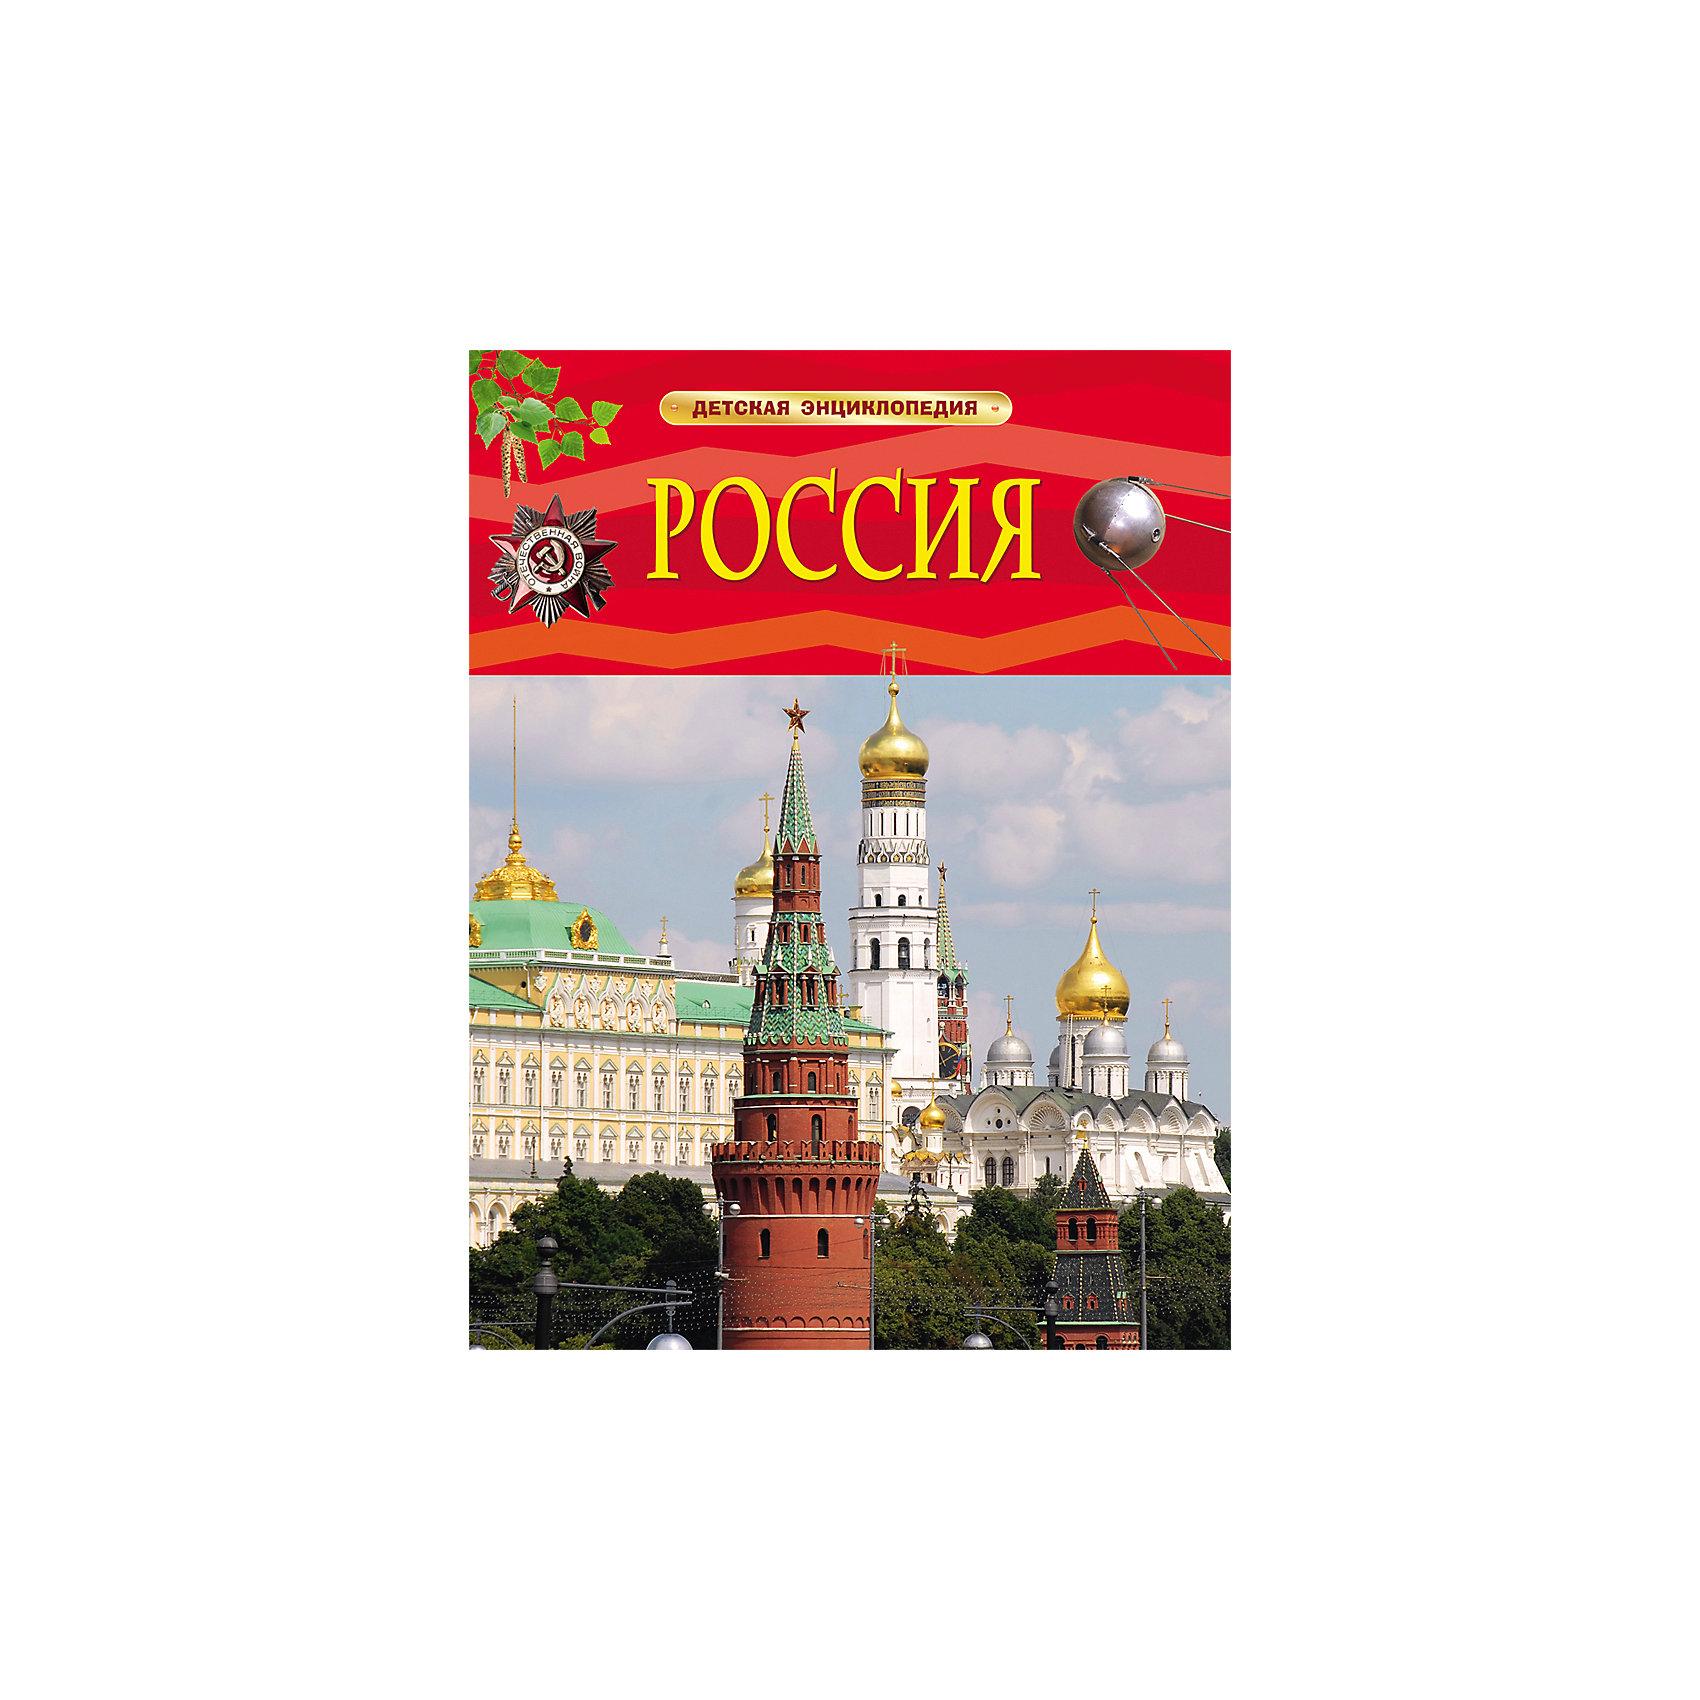 Росмэн Детская энциклопедия Россия книга новая детская энциклопедия